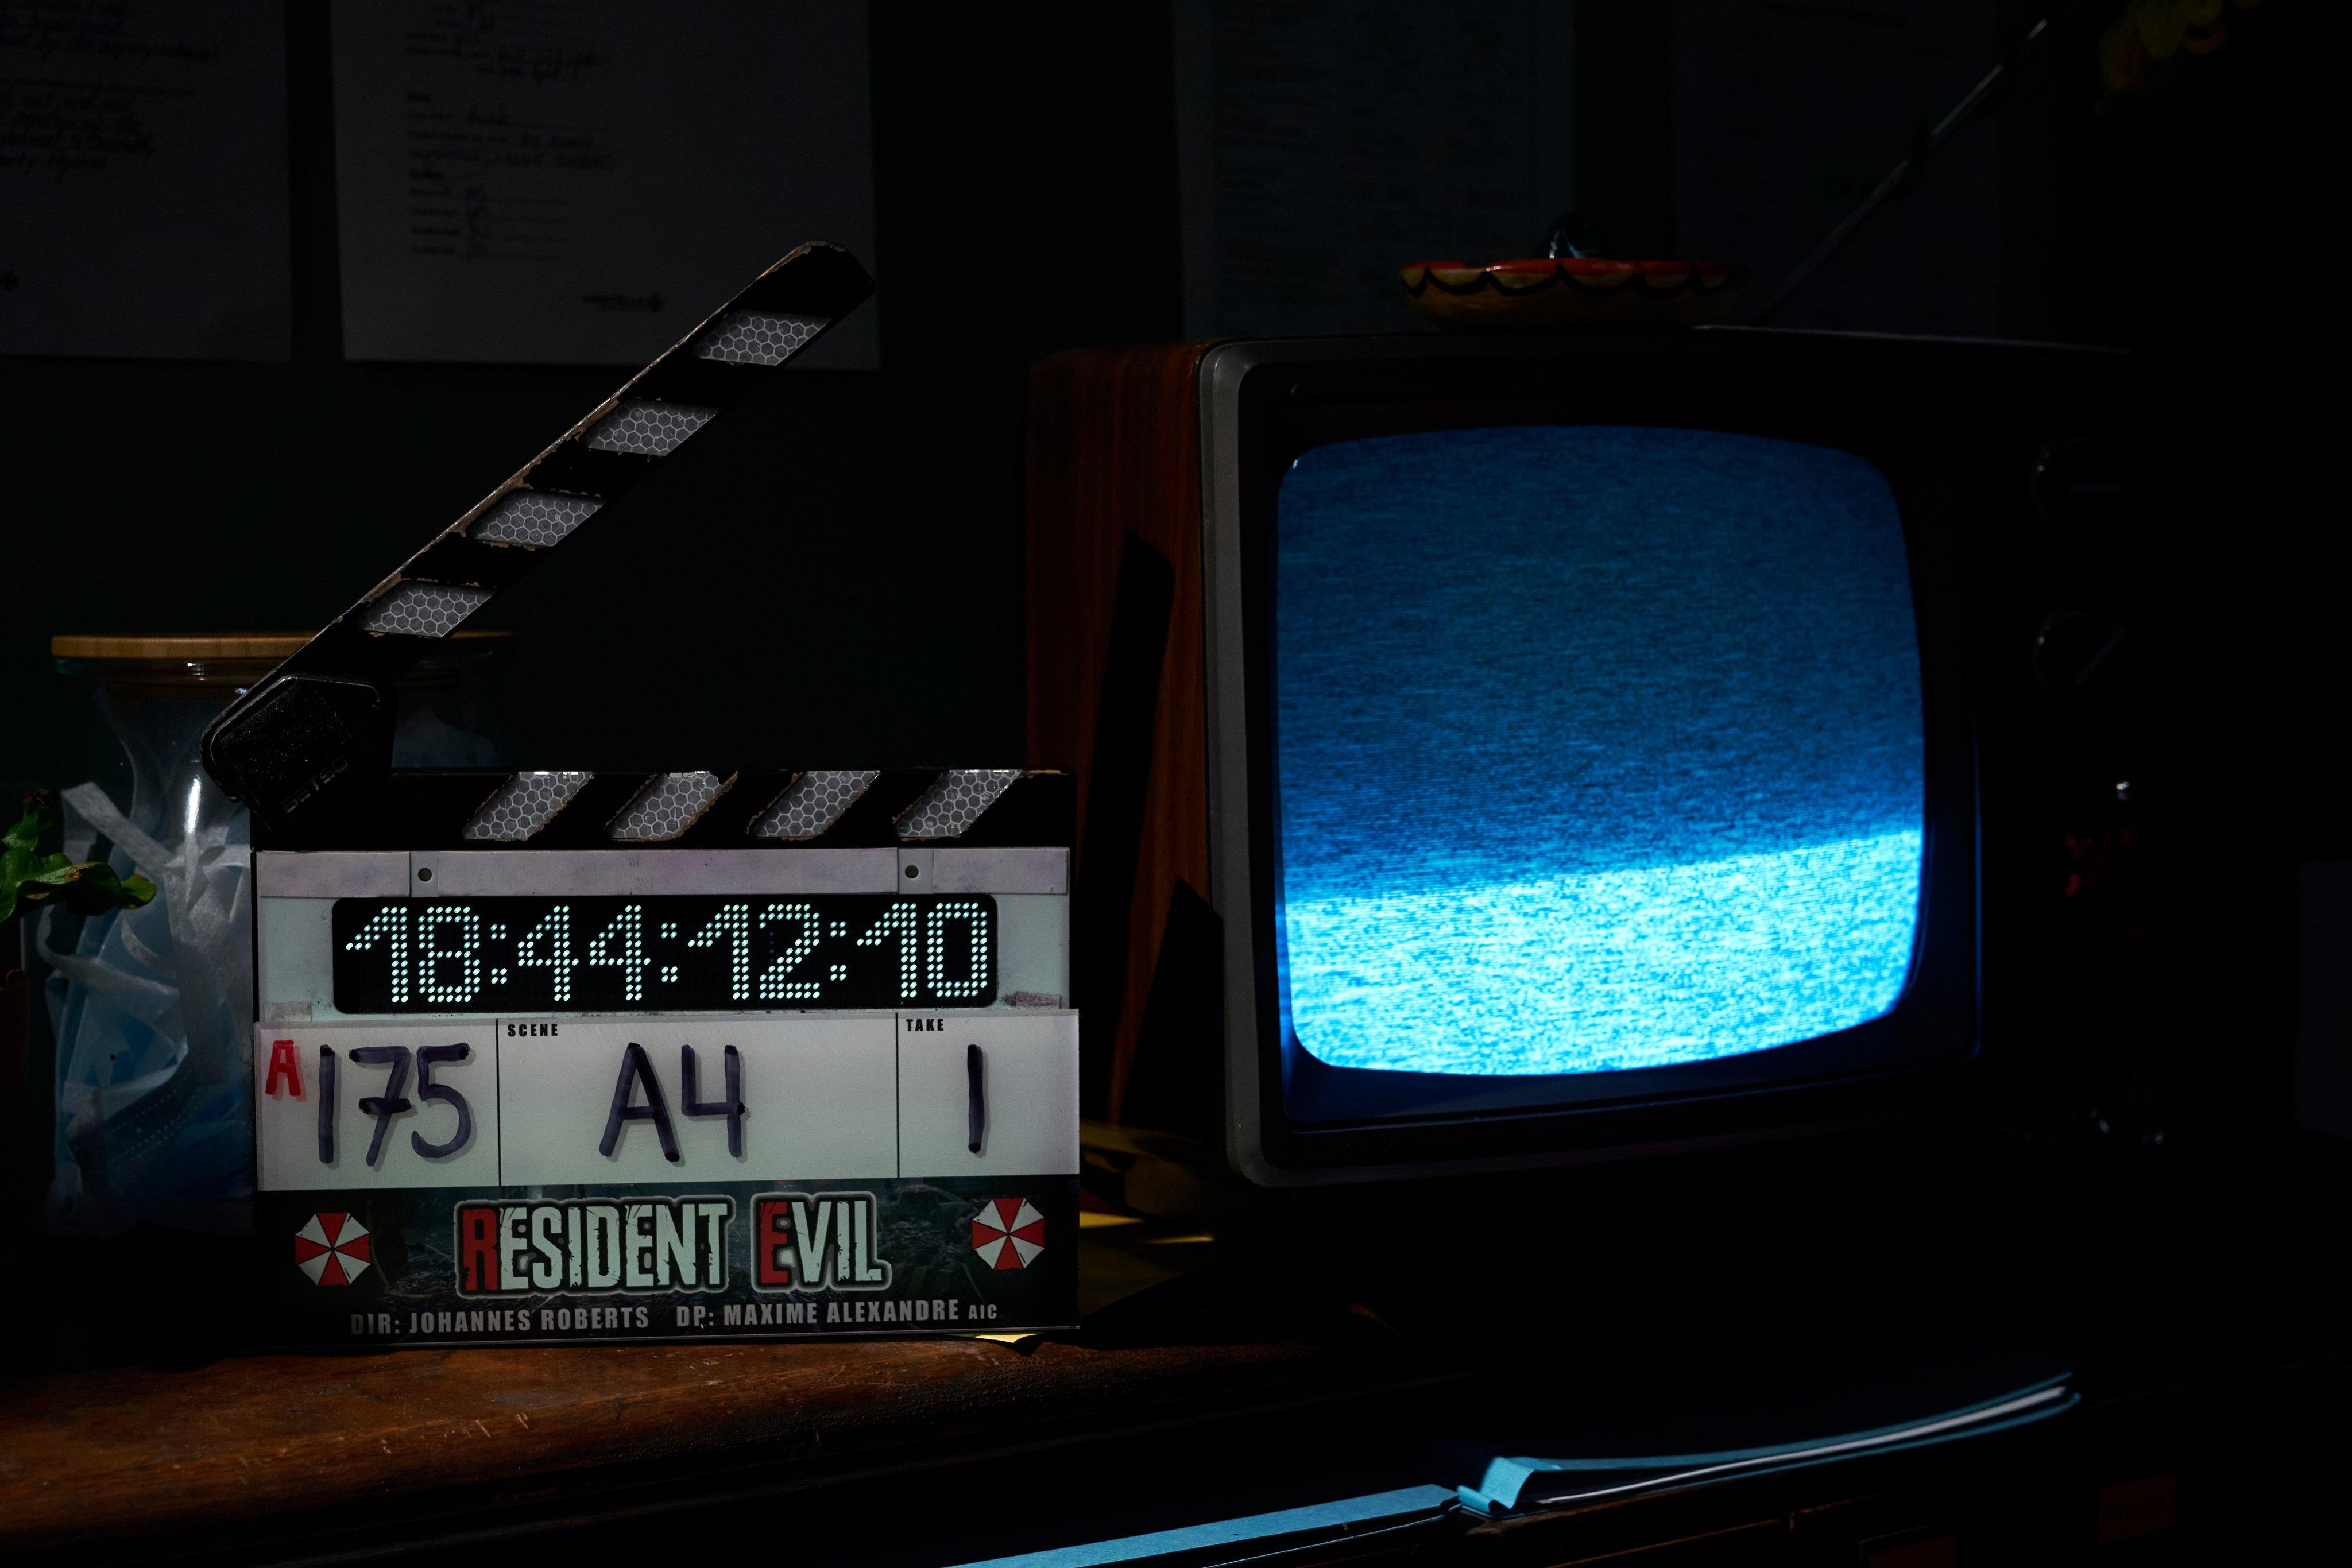 Так кінокомпанії оголосила про завершення знімального процесу / фото twitter.com/SonyPictures